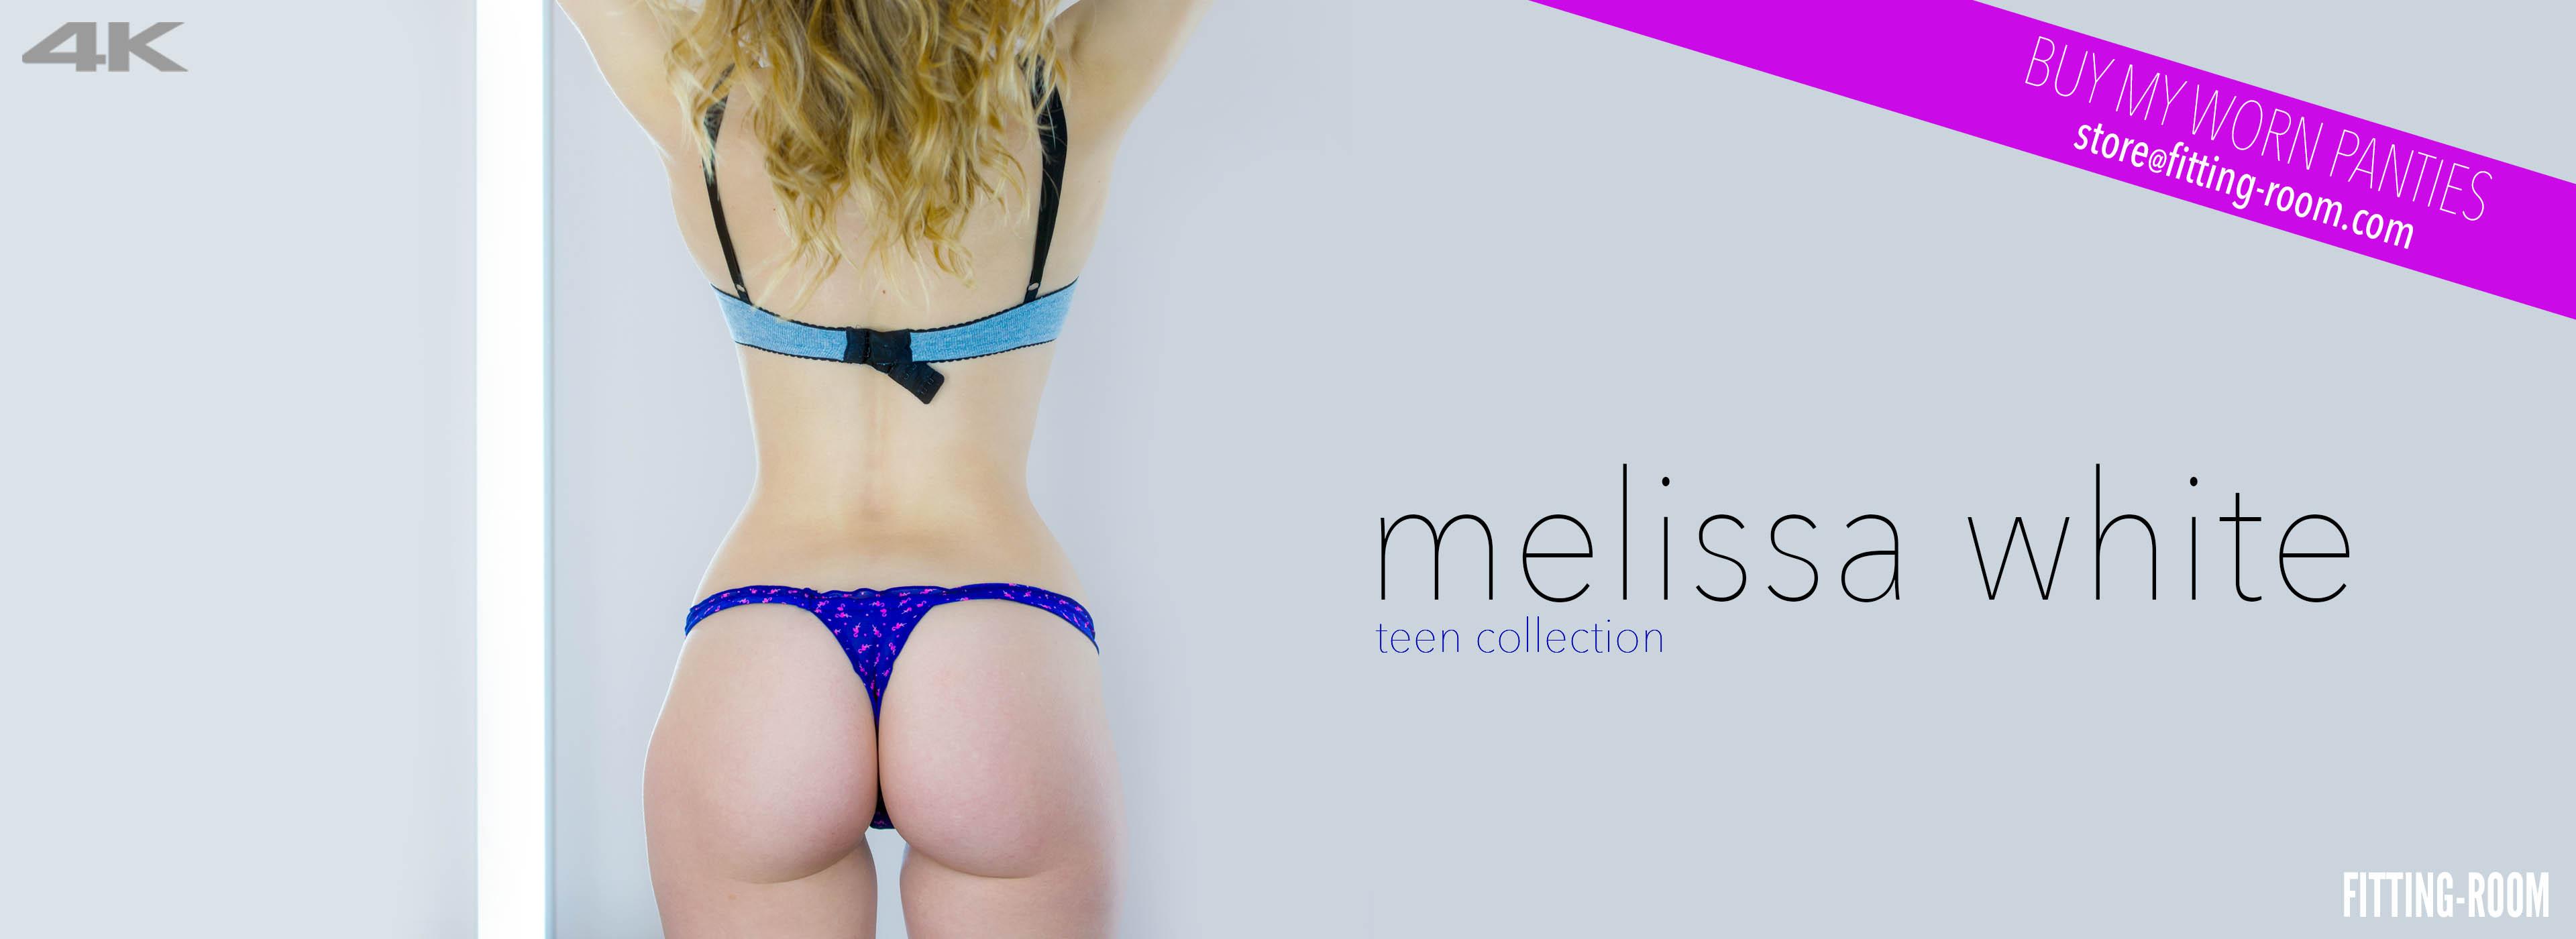 Melissa White | Sweet Booty Italian Teen